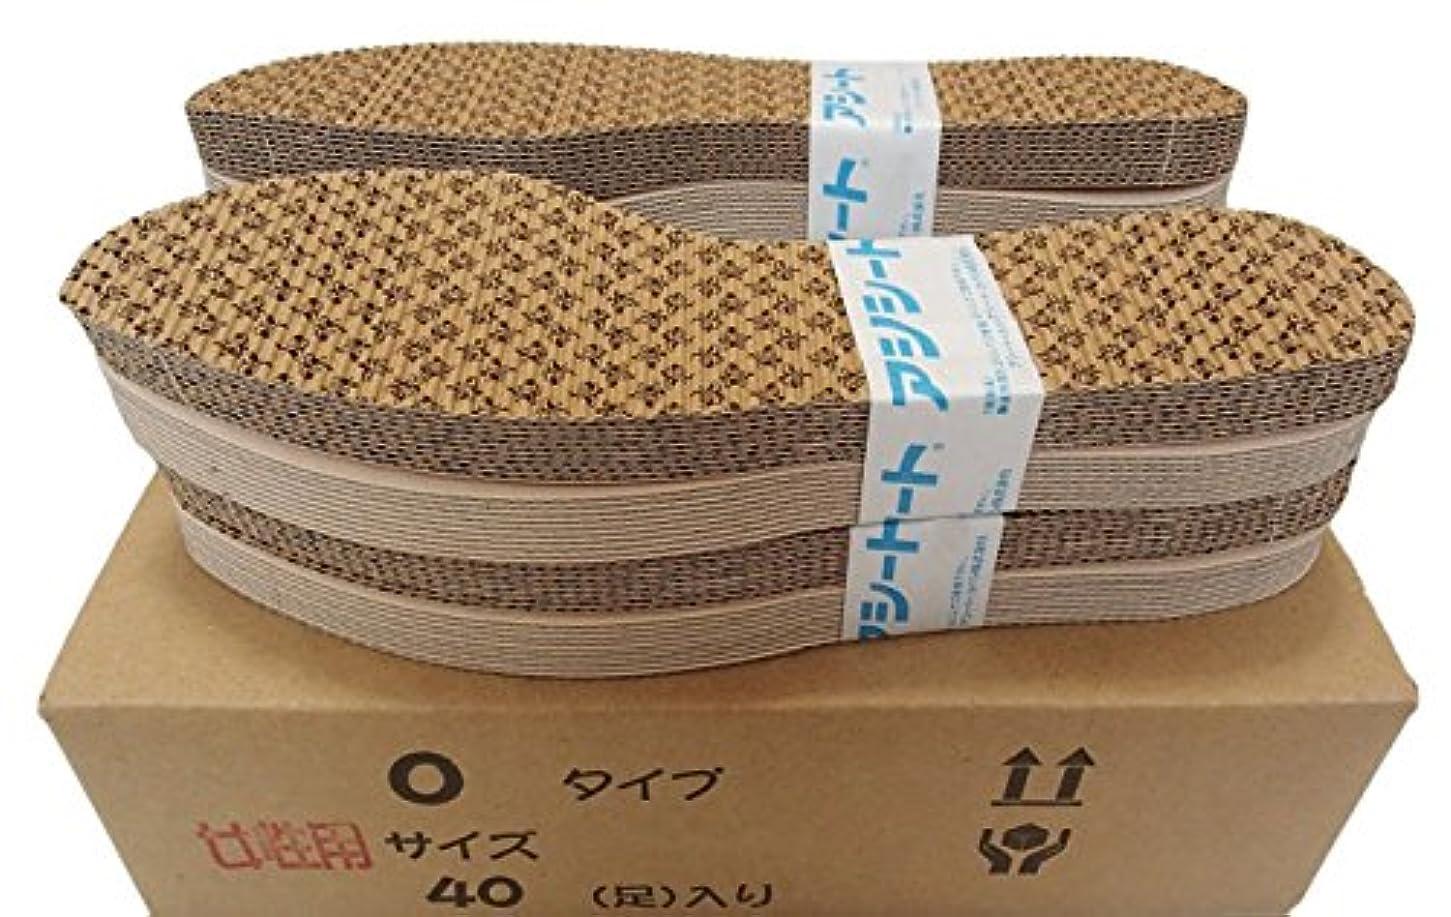 石化する途方もないラショナルお徳用タイプのアシートOタイプ40足入 (22.5~23cm 女性靴用)